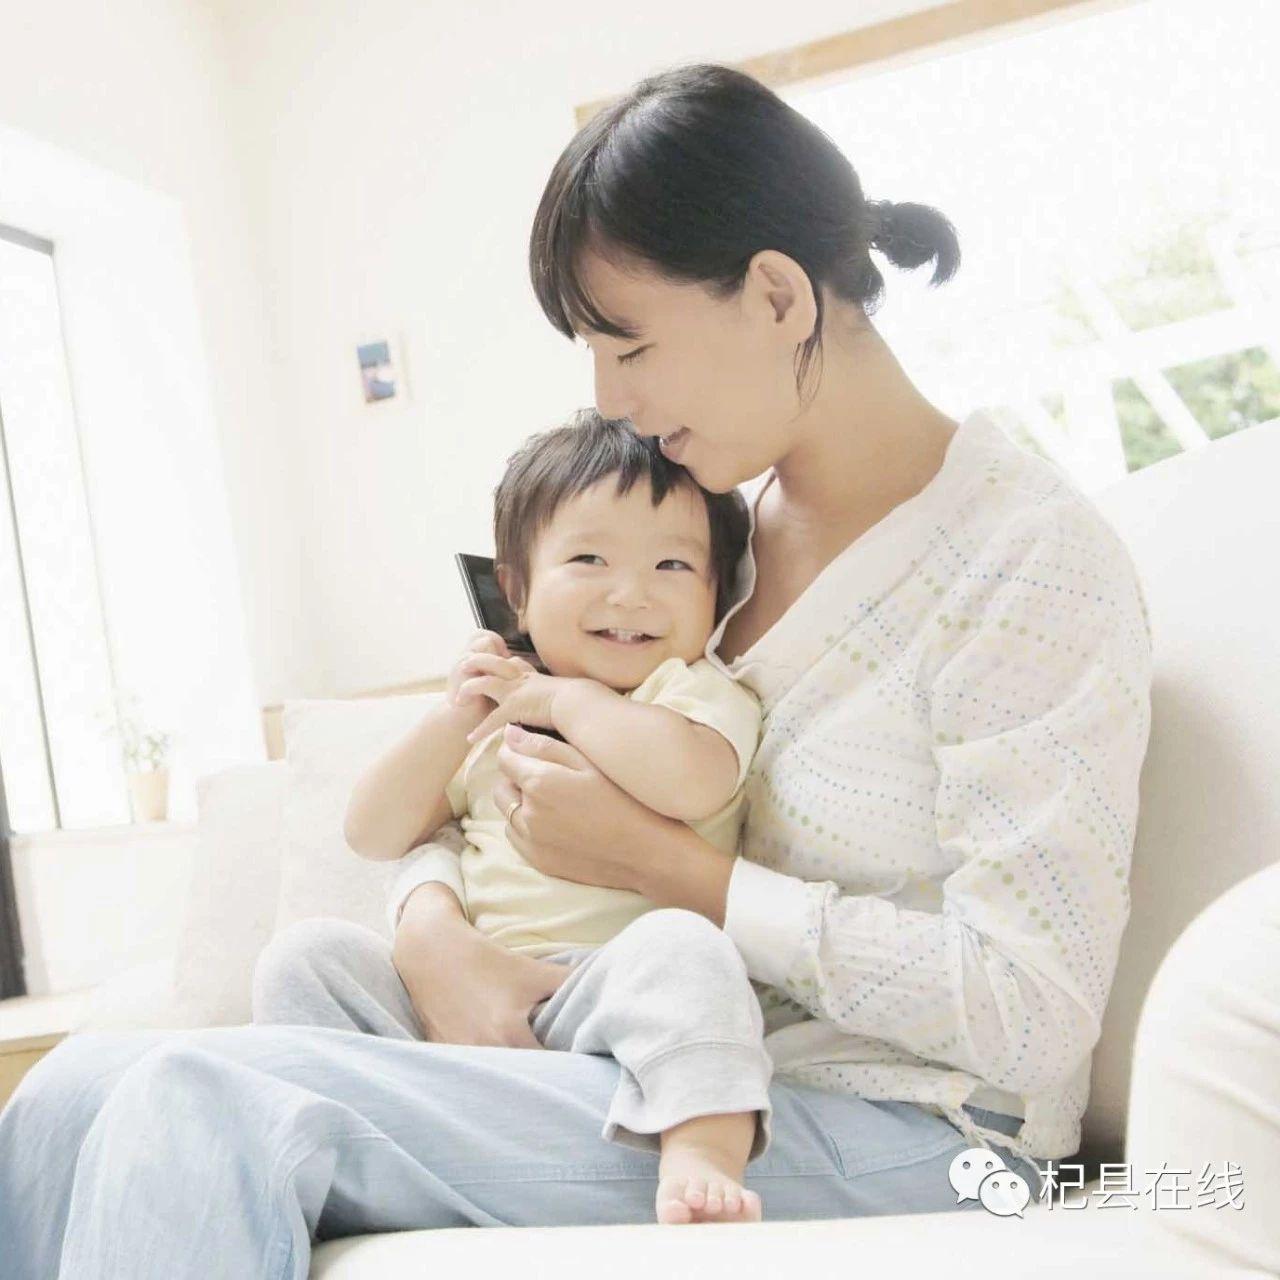 杞县大姐:前夫跟小三结婚了,不让他看孩子,结果..